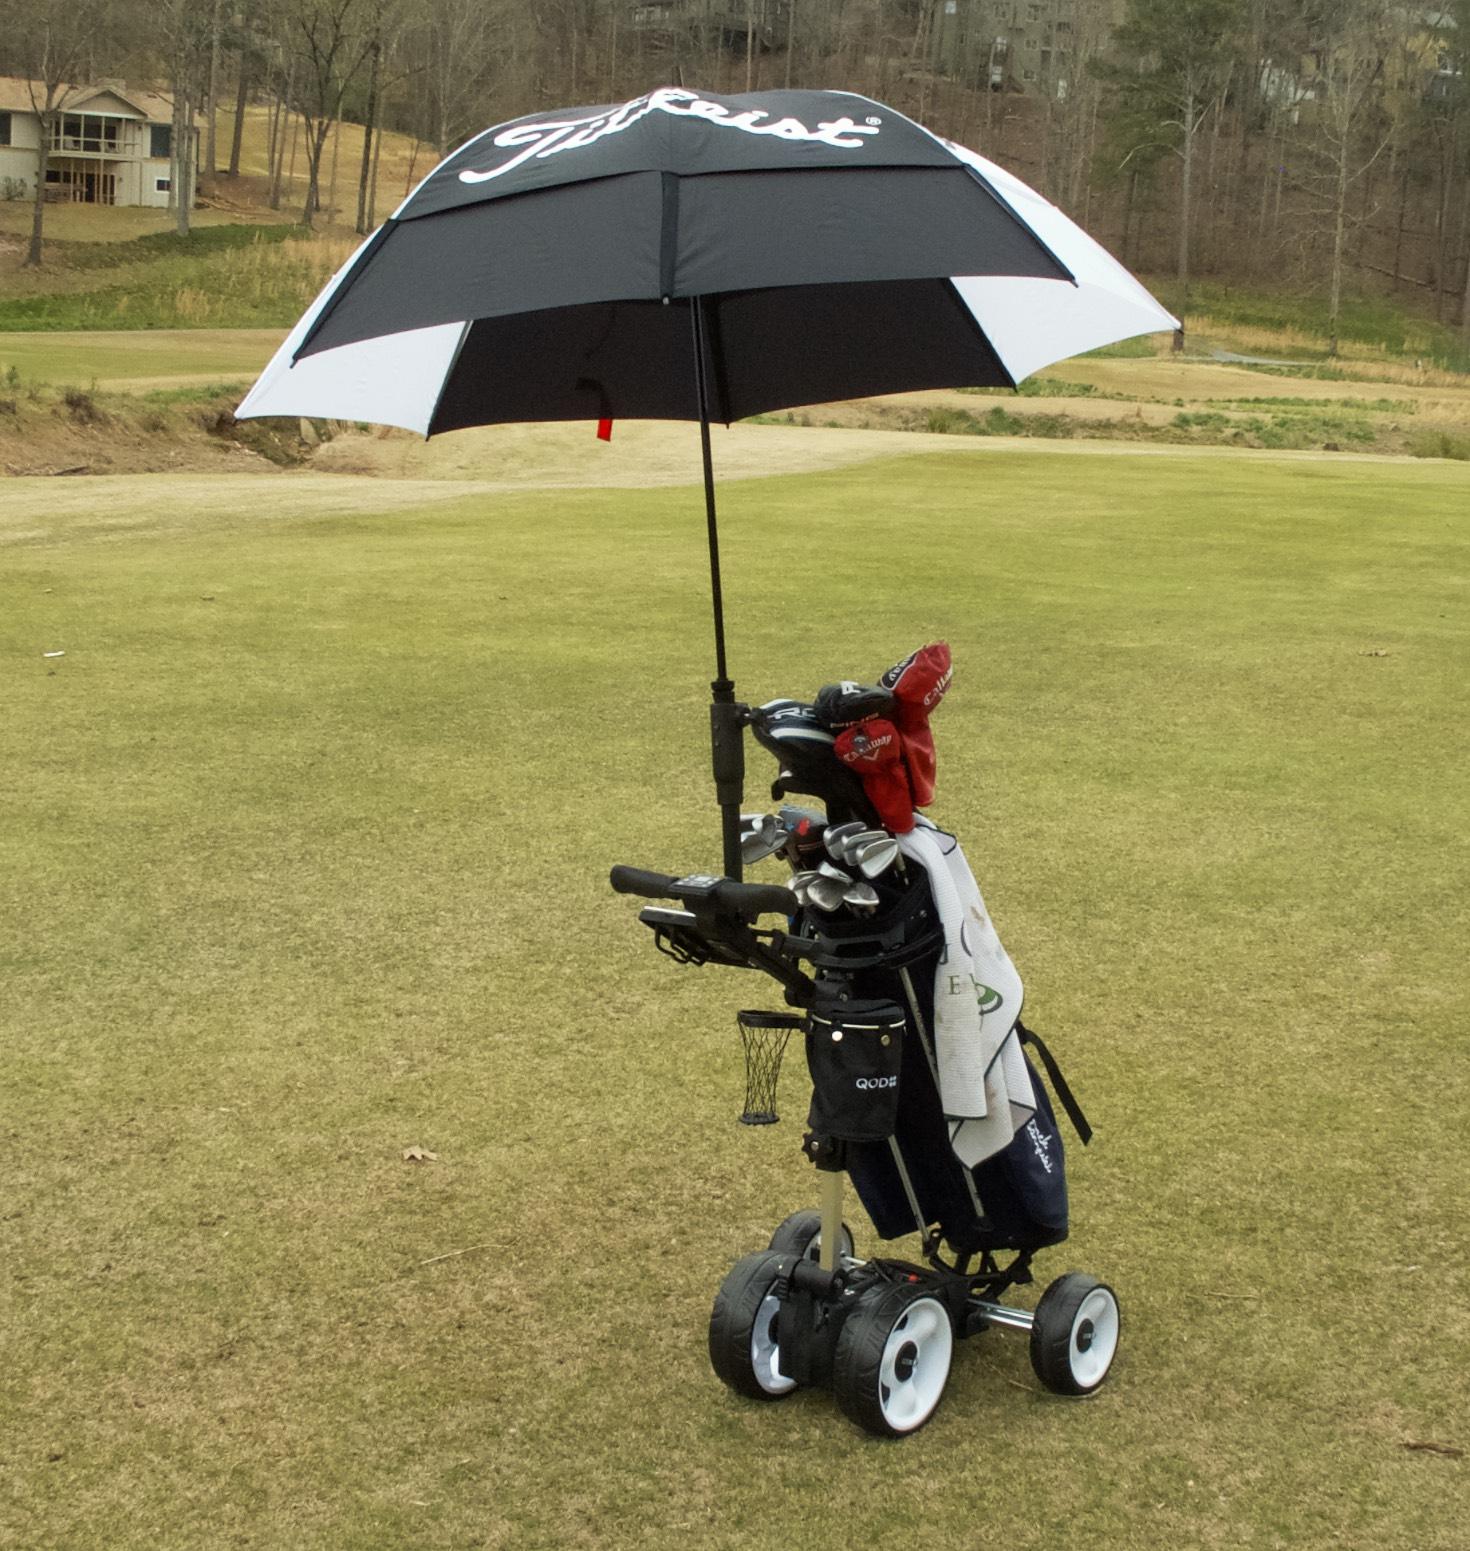 QOD Cart Umbrella